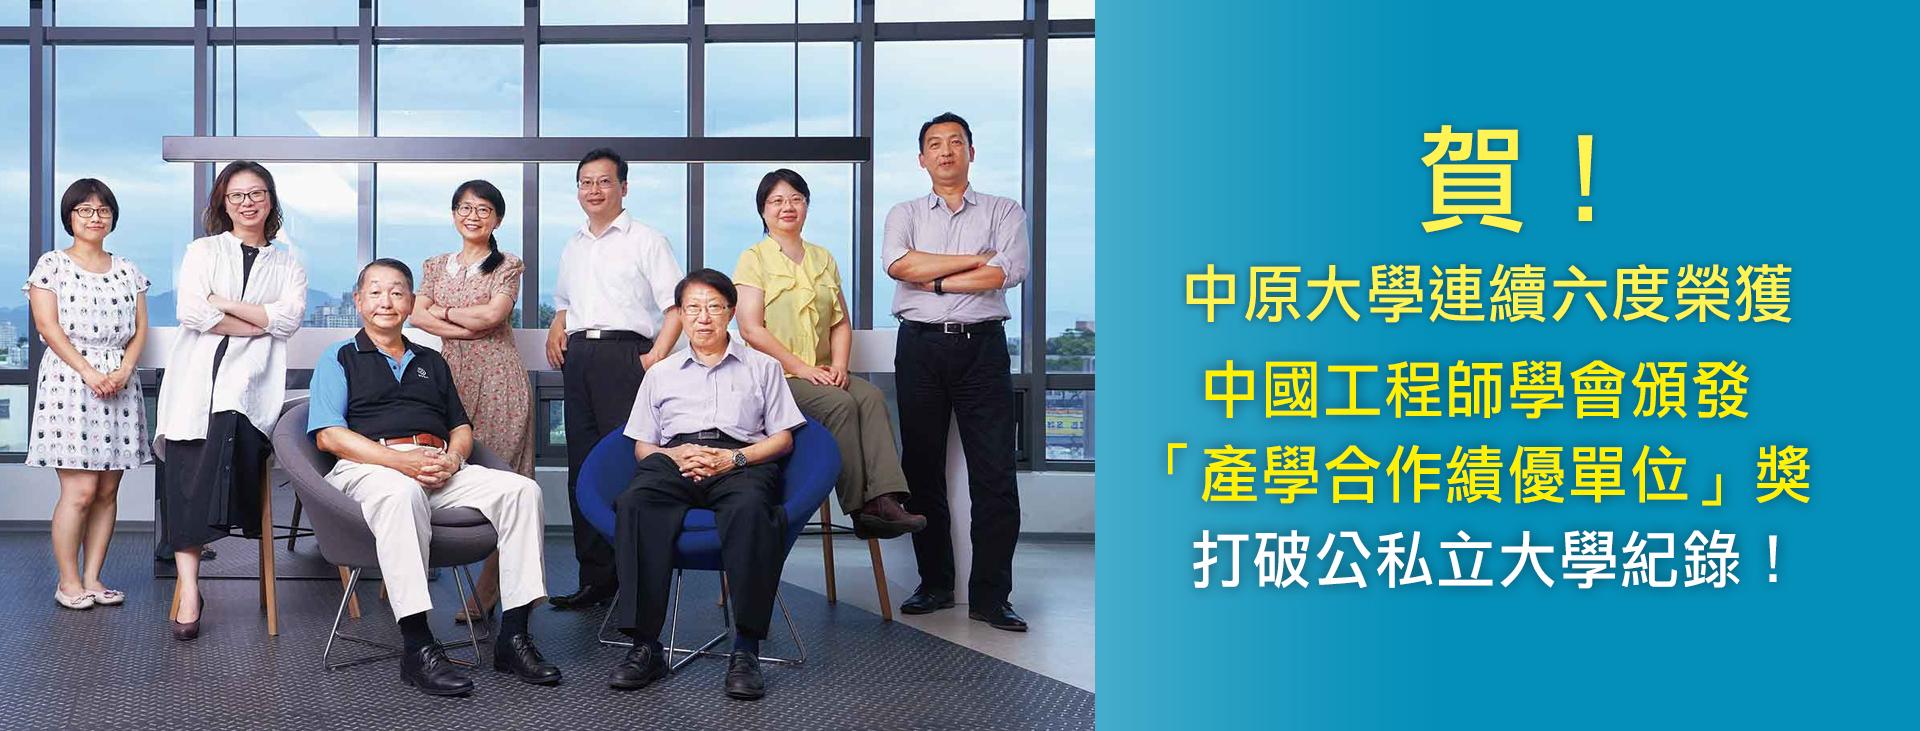 賀!中原大學連續六度榮獲中國工程師學會頒發「產學合作績優單位」獎 打破公私立大學紀錄!